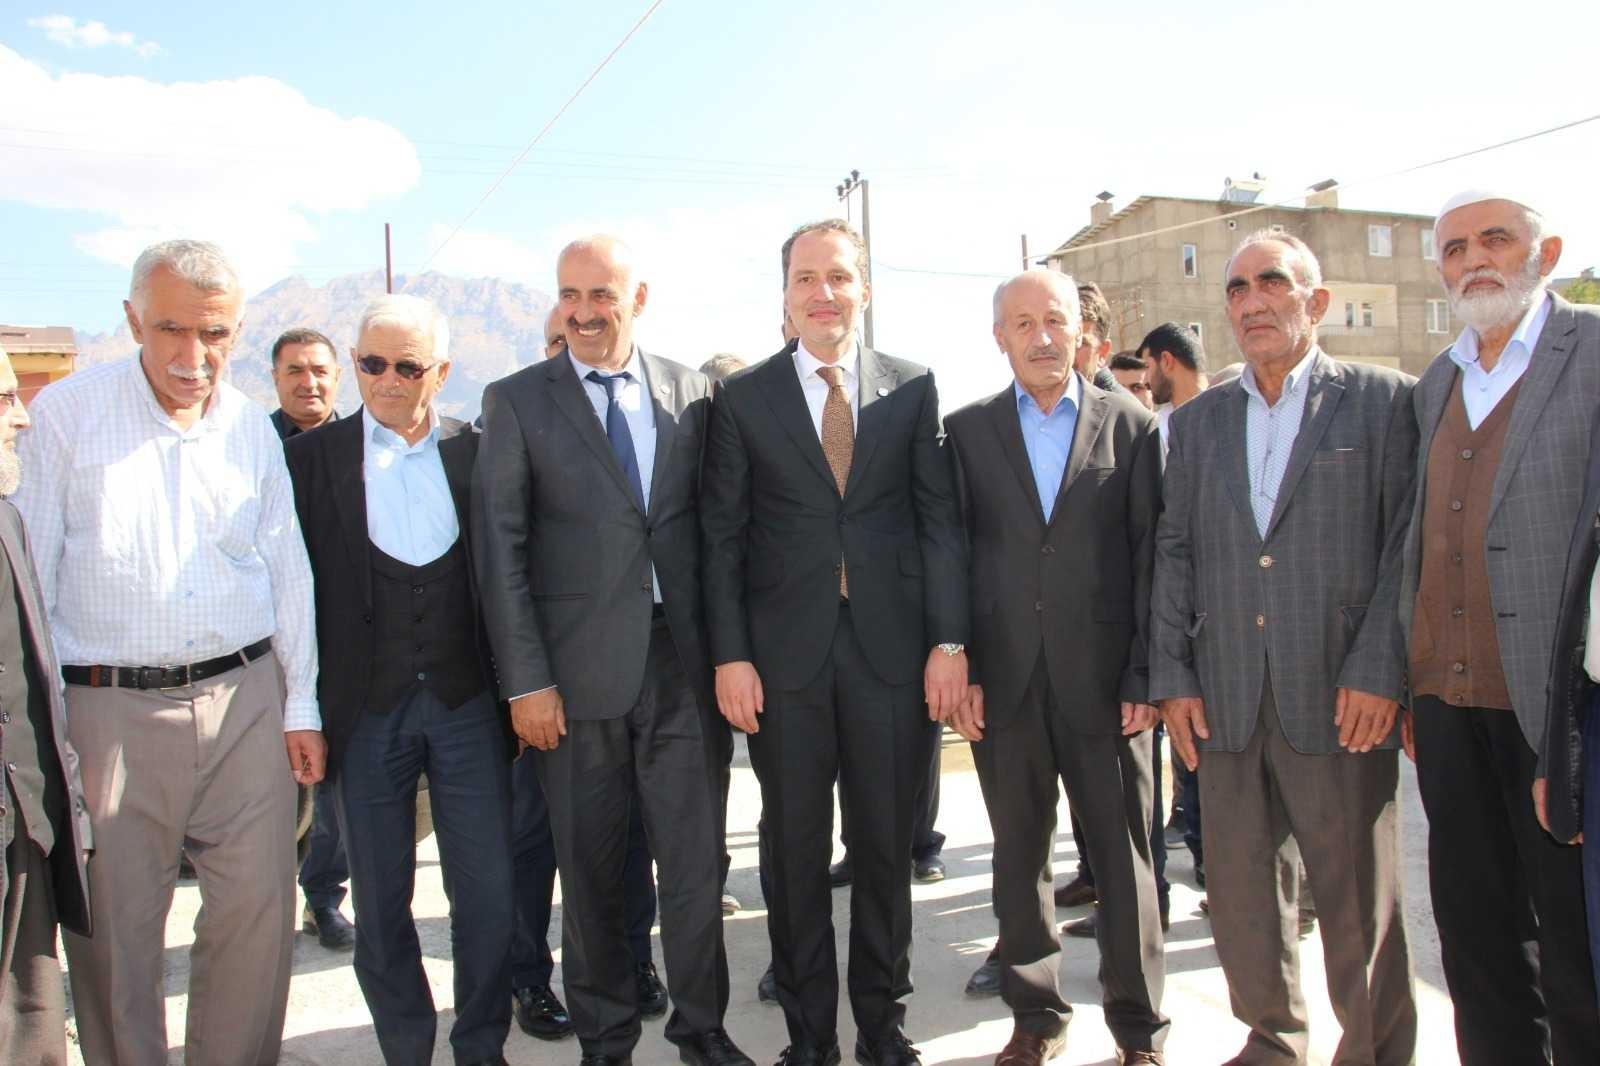 Yeniden Refah Partisi Genel Başkanı Fatih Erbakan Hakkari'de #hakkari